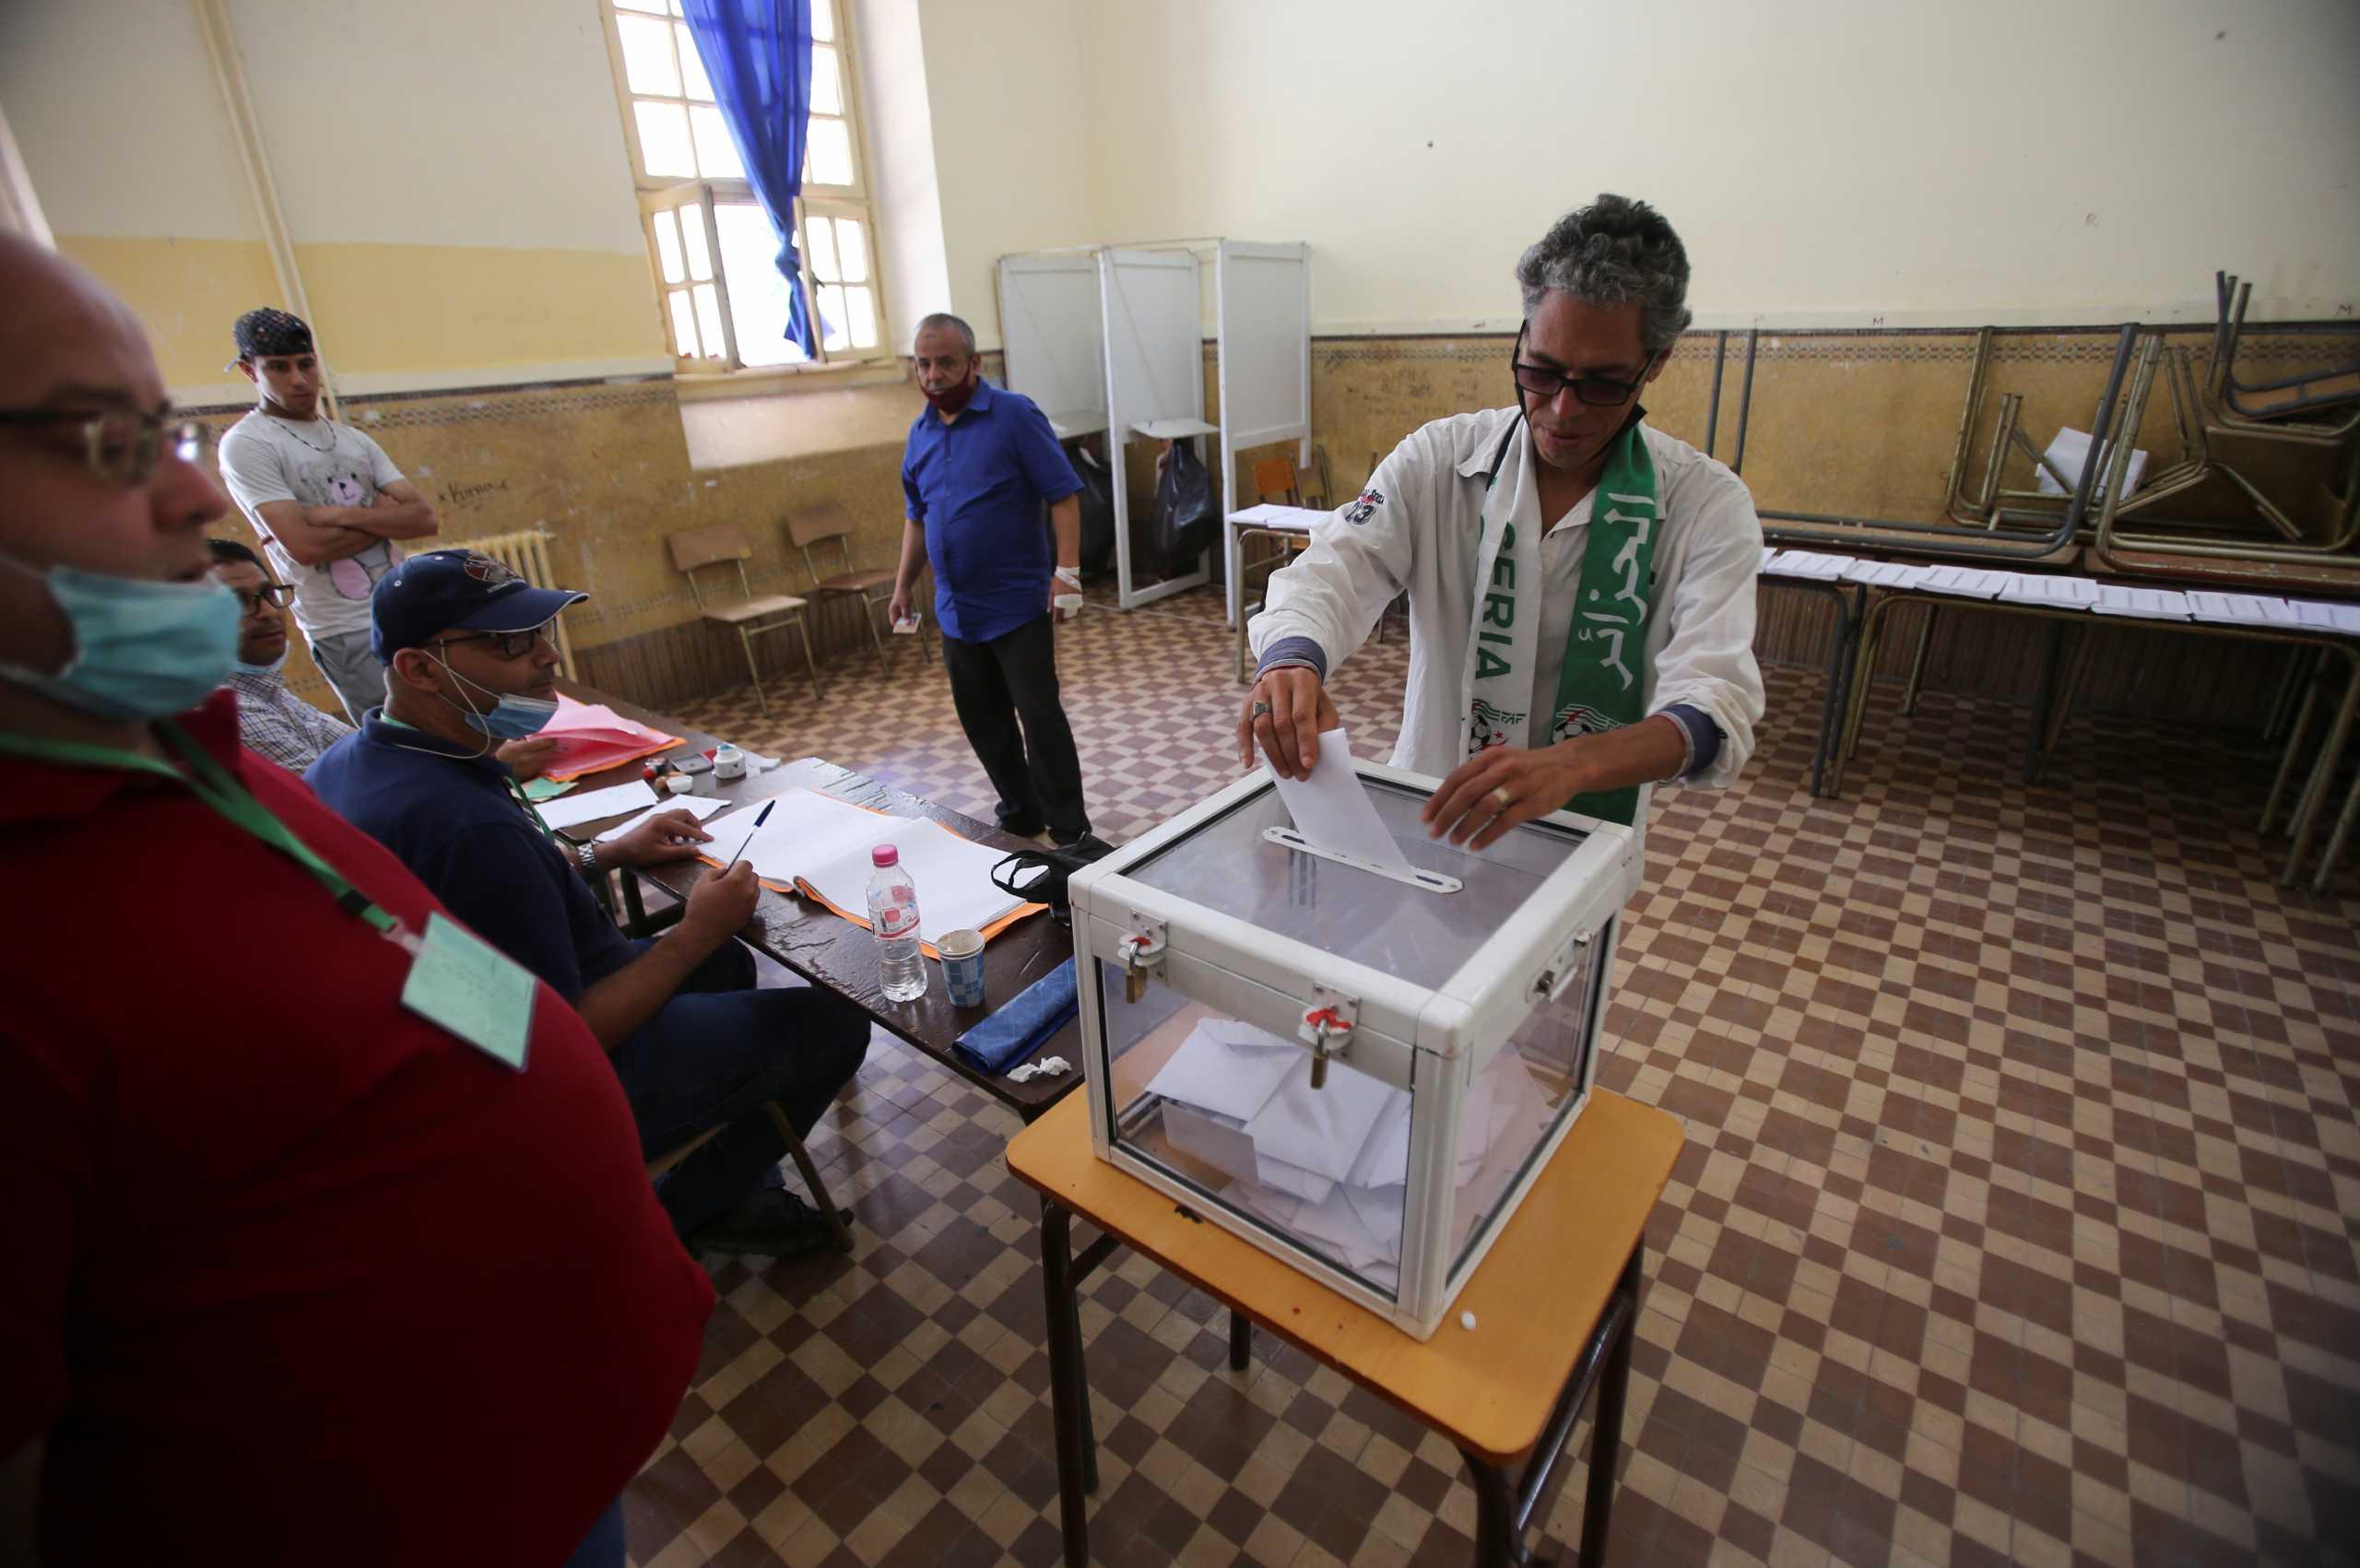 Αλγερία: Βουλευτικές εκλογές εν μέσω έκκλησης της αντιπολίτευσης για αποχή